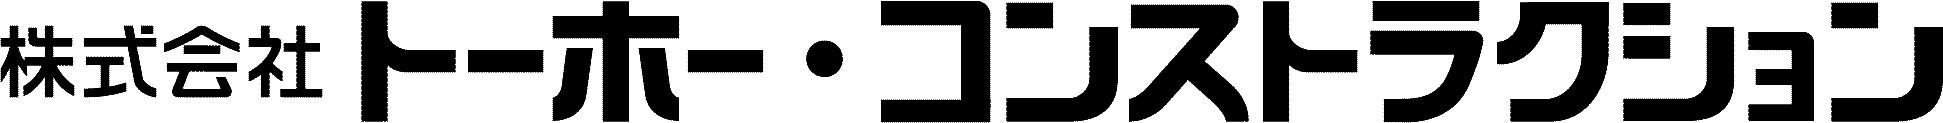 トーホーコンストラクション フッダーロゴ